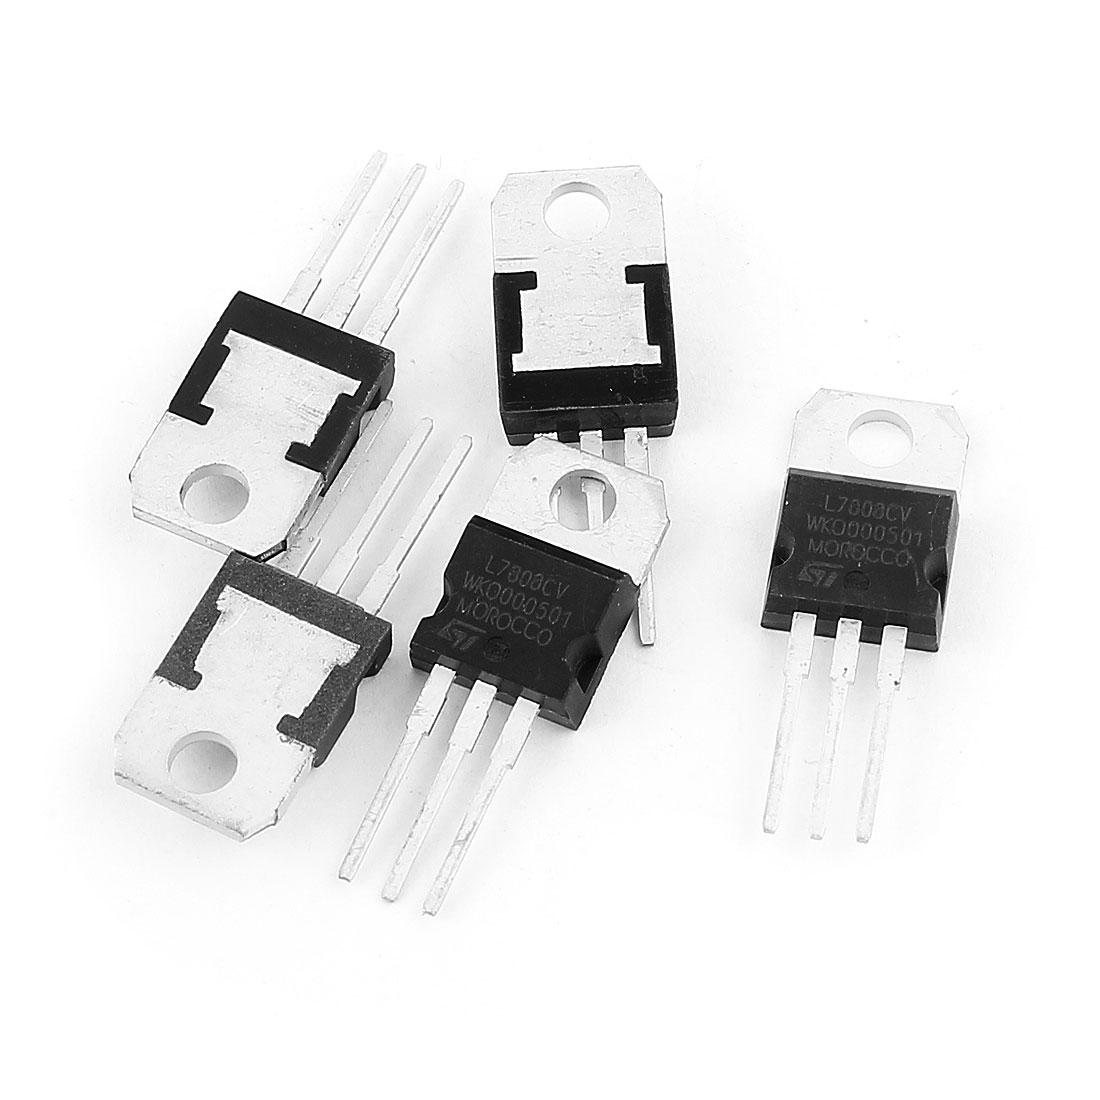 5 Pcs 3 Terminals 1.5A 8V 7808CV Postive Voltage Regulators